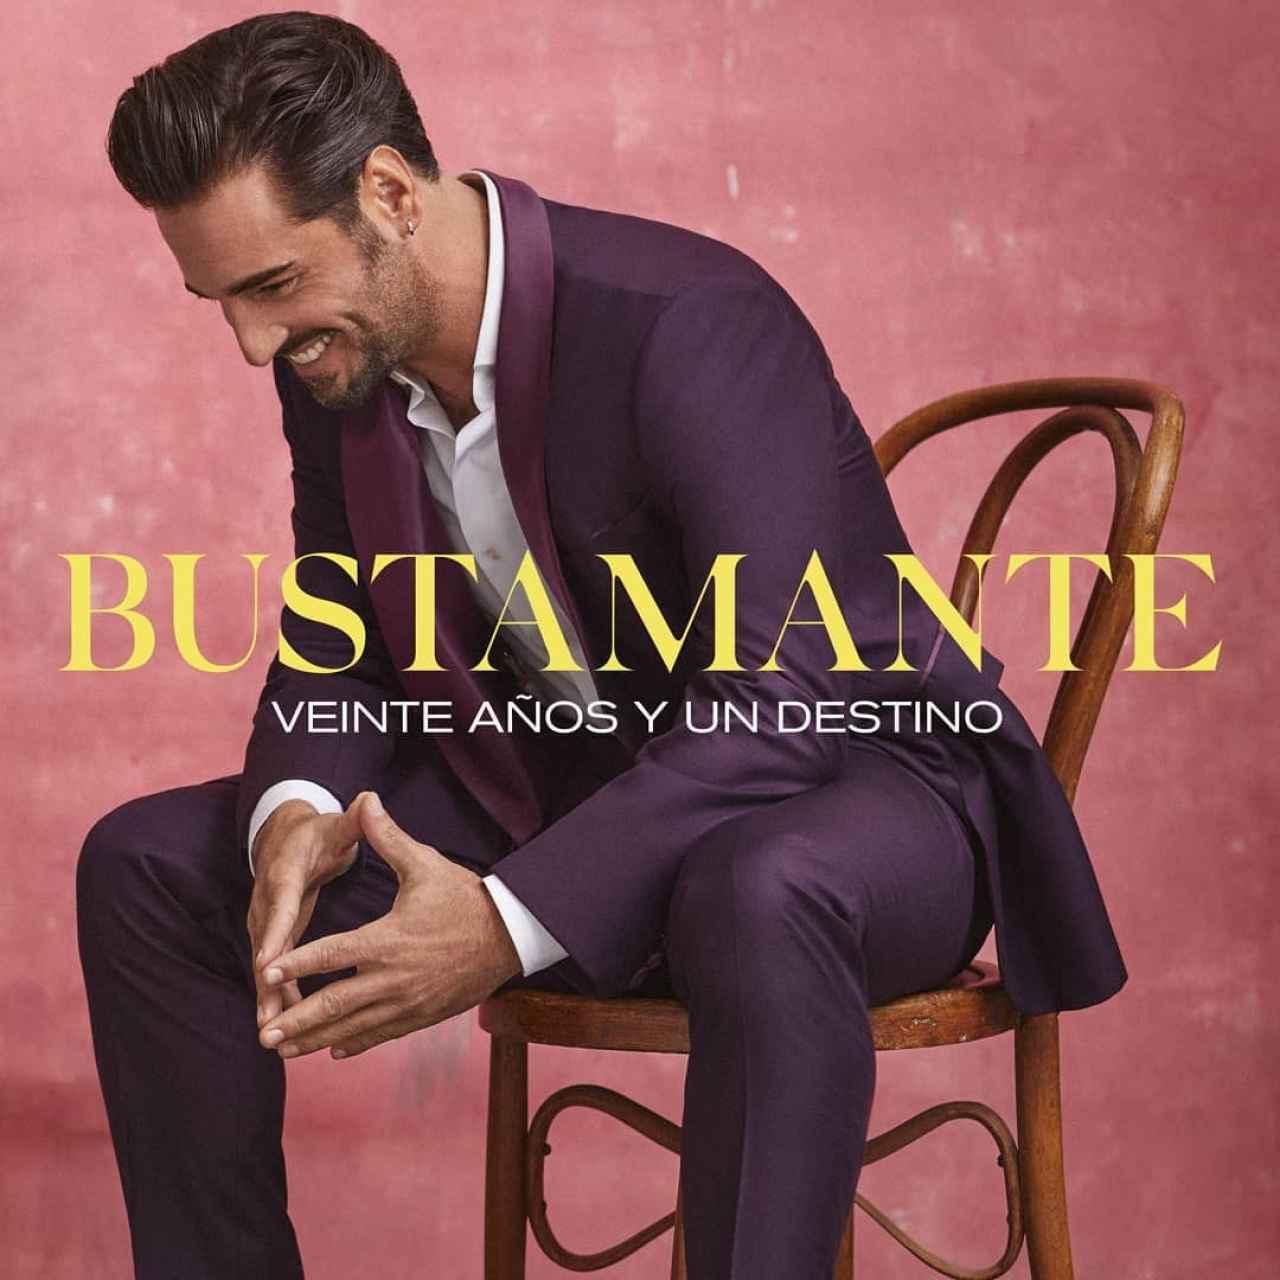 Portada del disco que presenta David Bustamante con motivo de sus 20 años en la música.